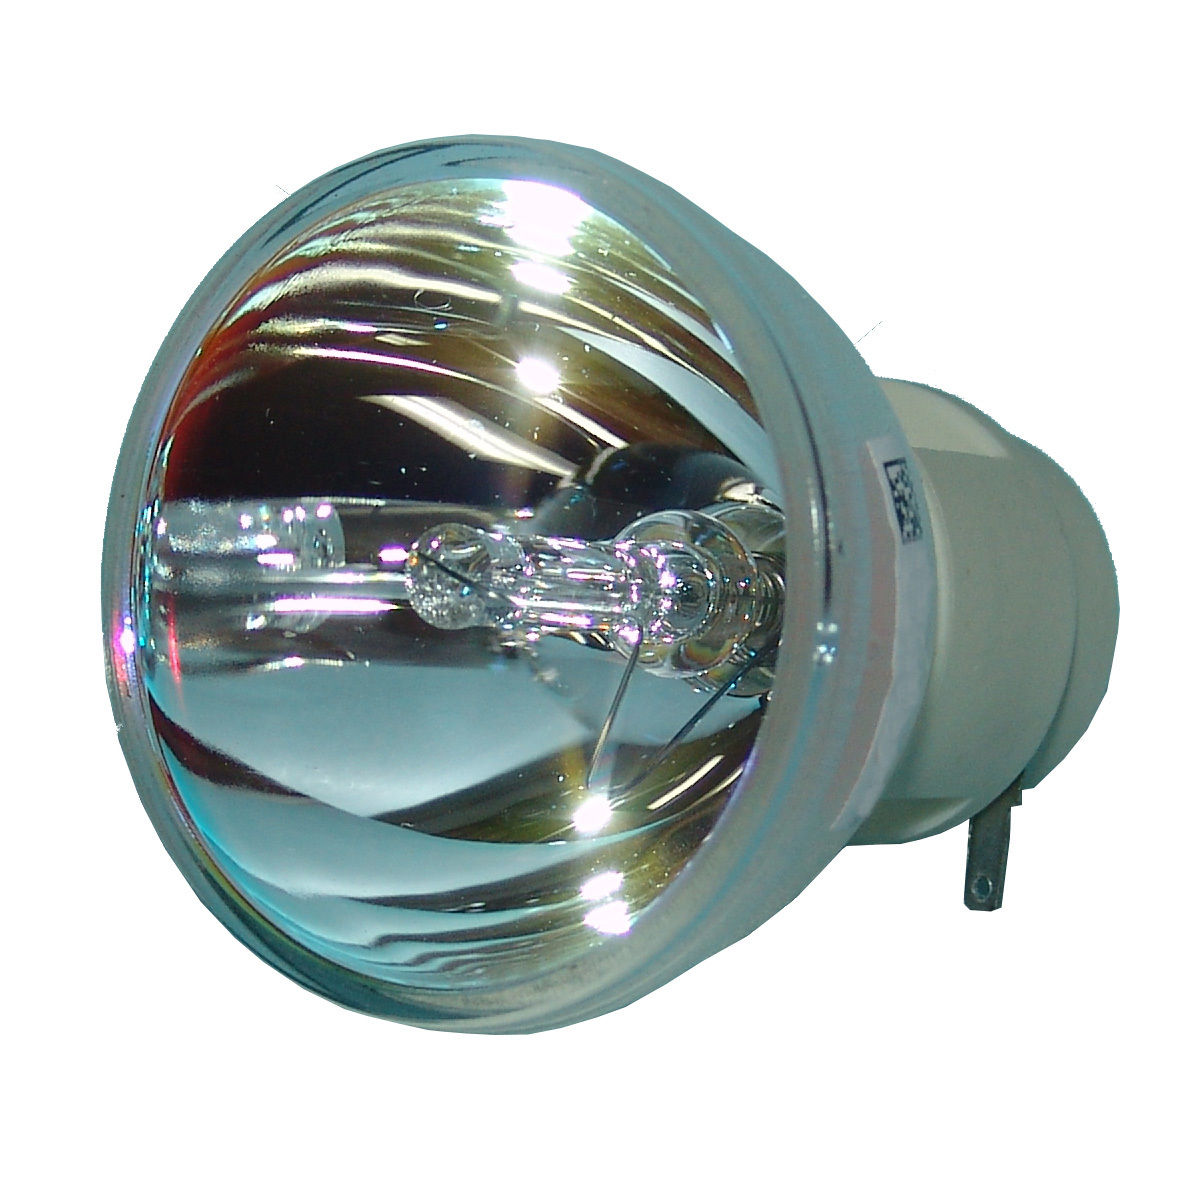 Совместимость голая лампочка BL-FP180D FP180D DE.5811116037-S для OPTOMA ES522 EX532 DS317 DX617 TX532 ES526B DS219 прожекторная лампа